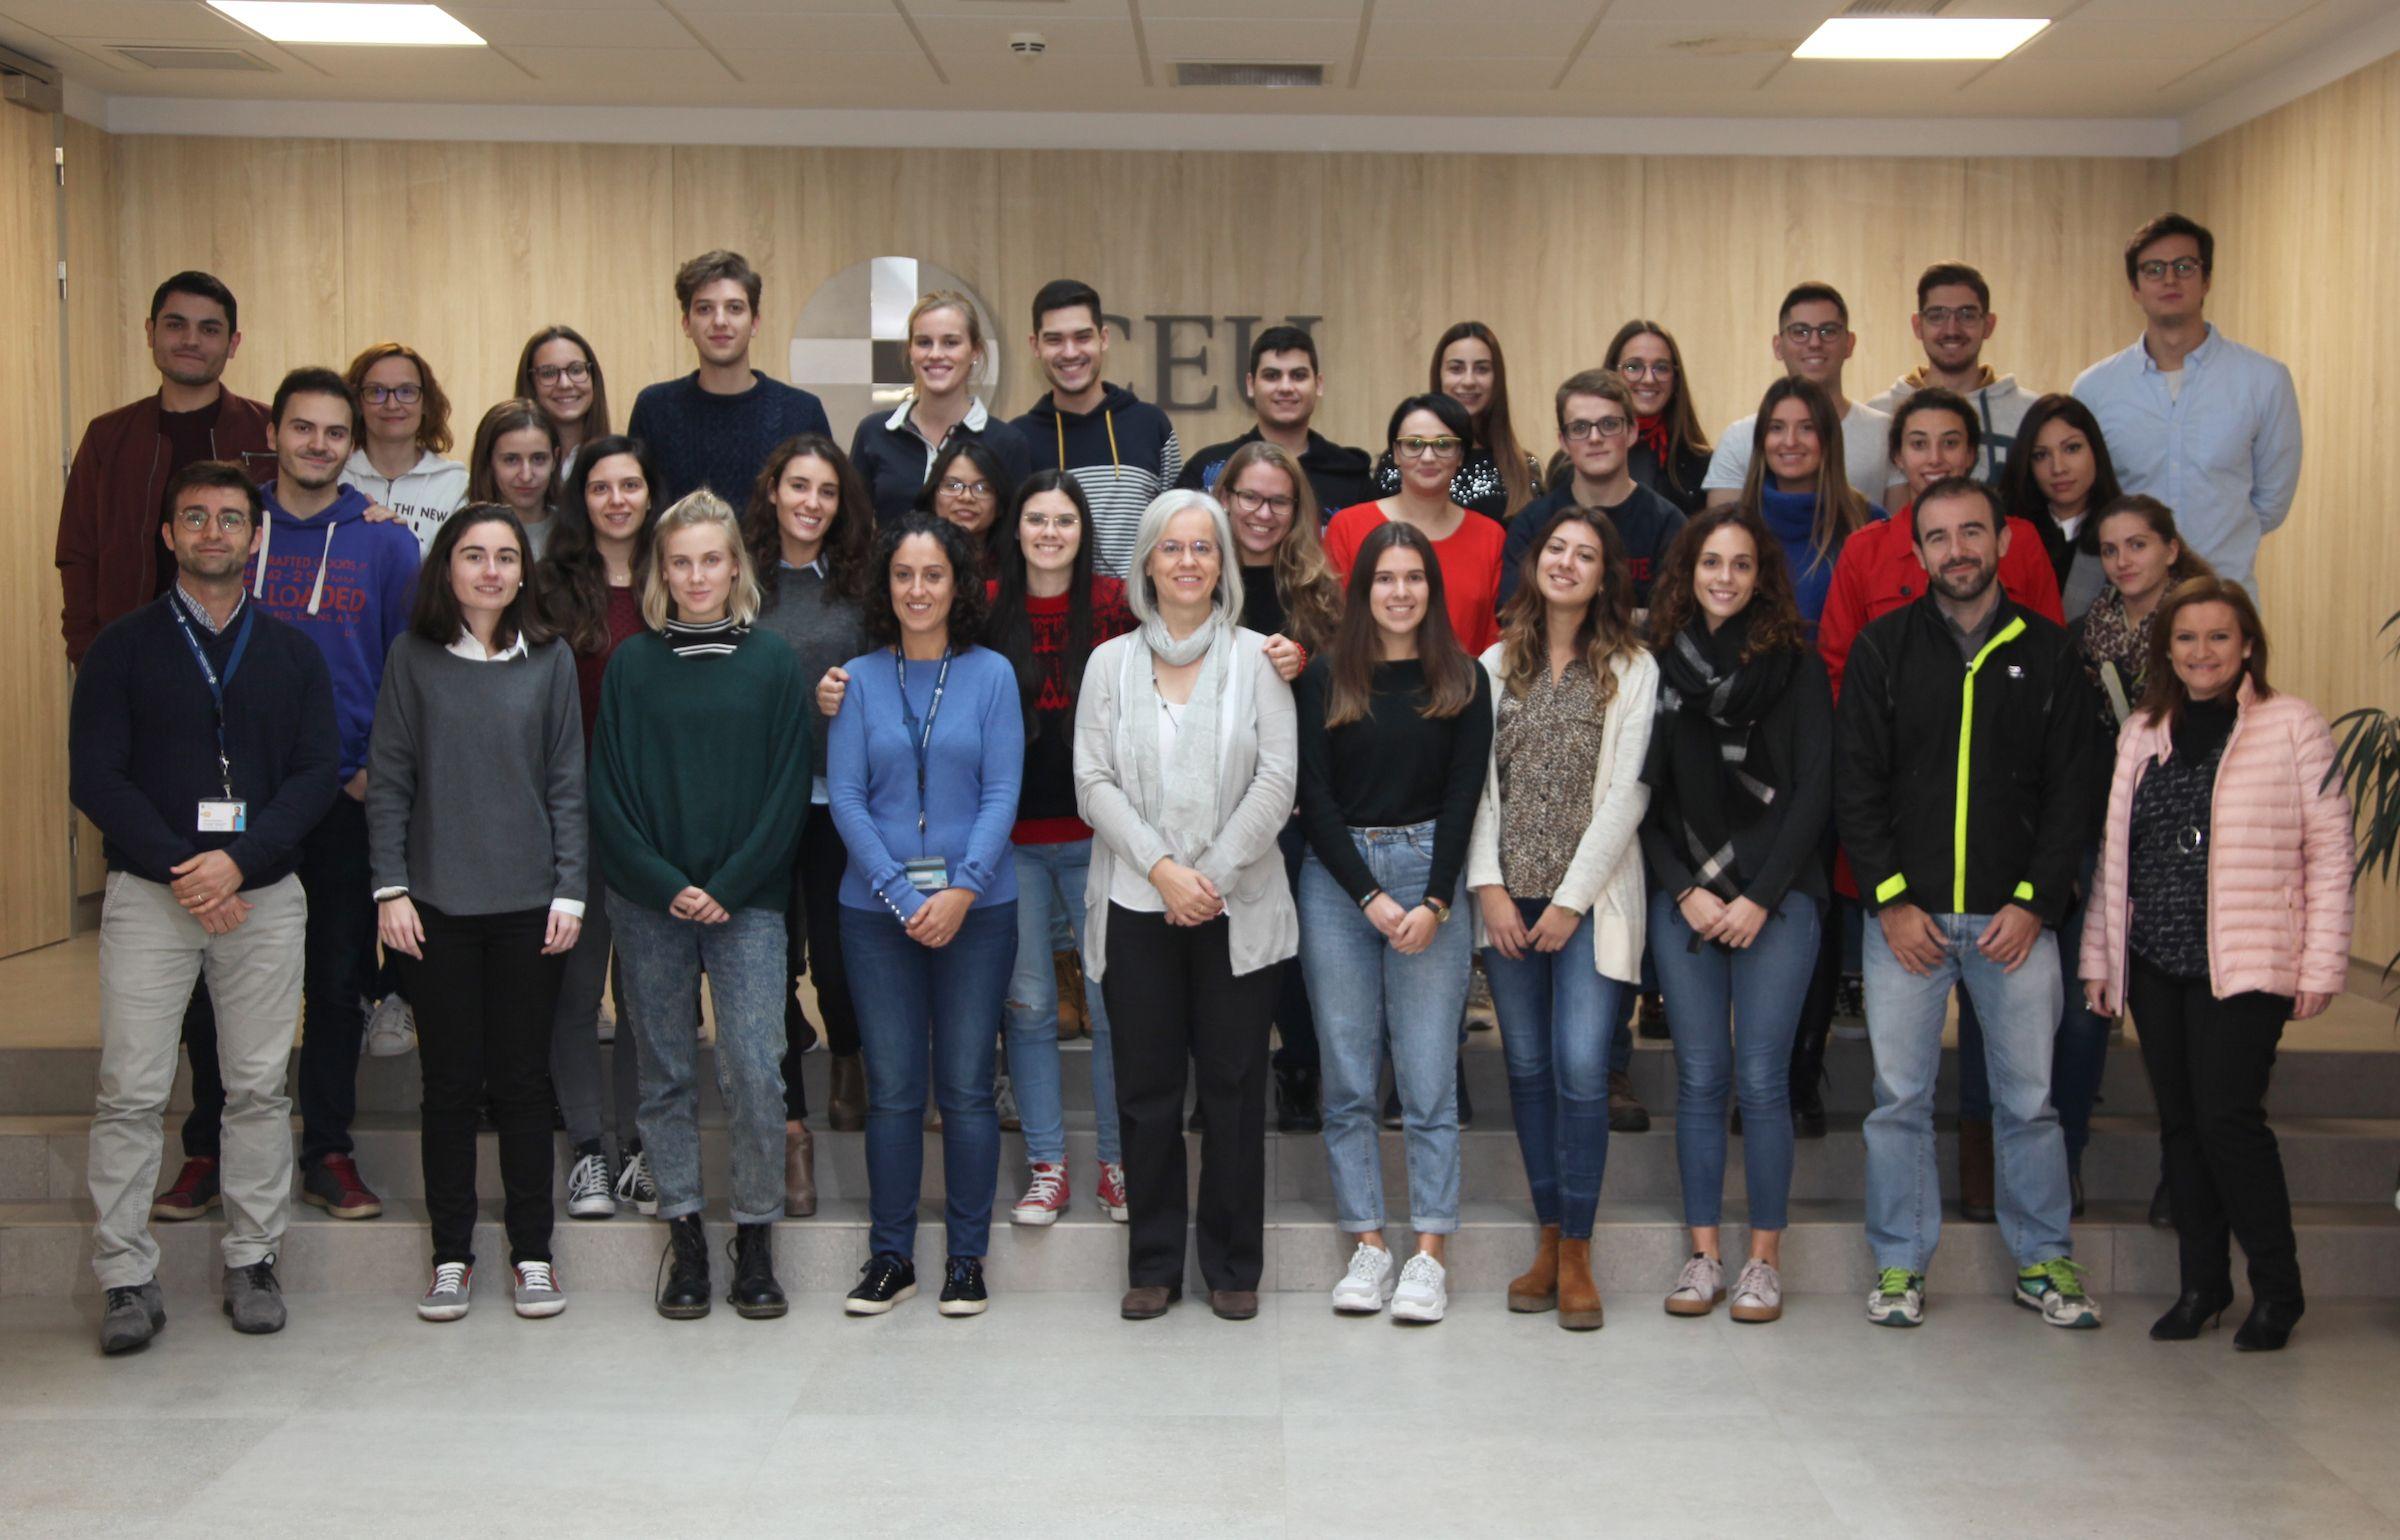 A los estudiantes de Farmacia y Veterinaria, se suman este año al equipo SWI@CEU alunmnos de Enfermería y Medicina y estudiantes de Periodismo, Publicidad y Comunicación Audiovisual, para su divulgación.